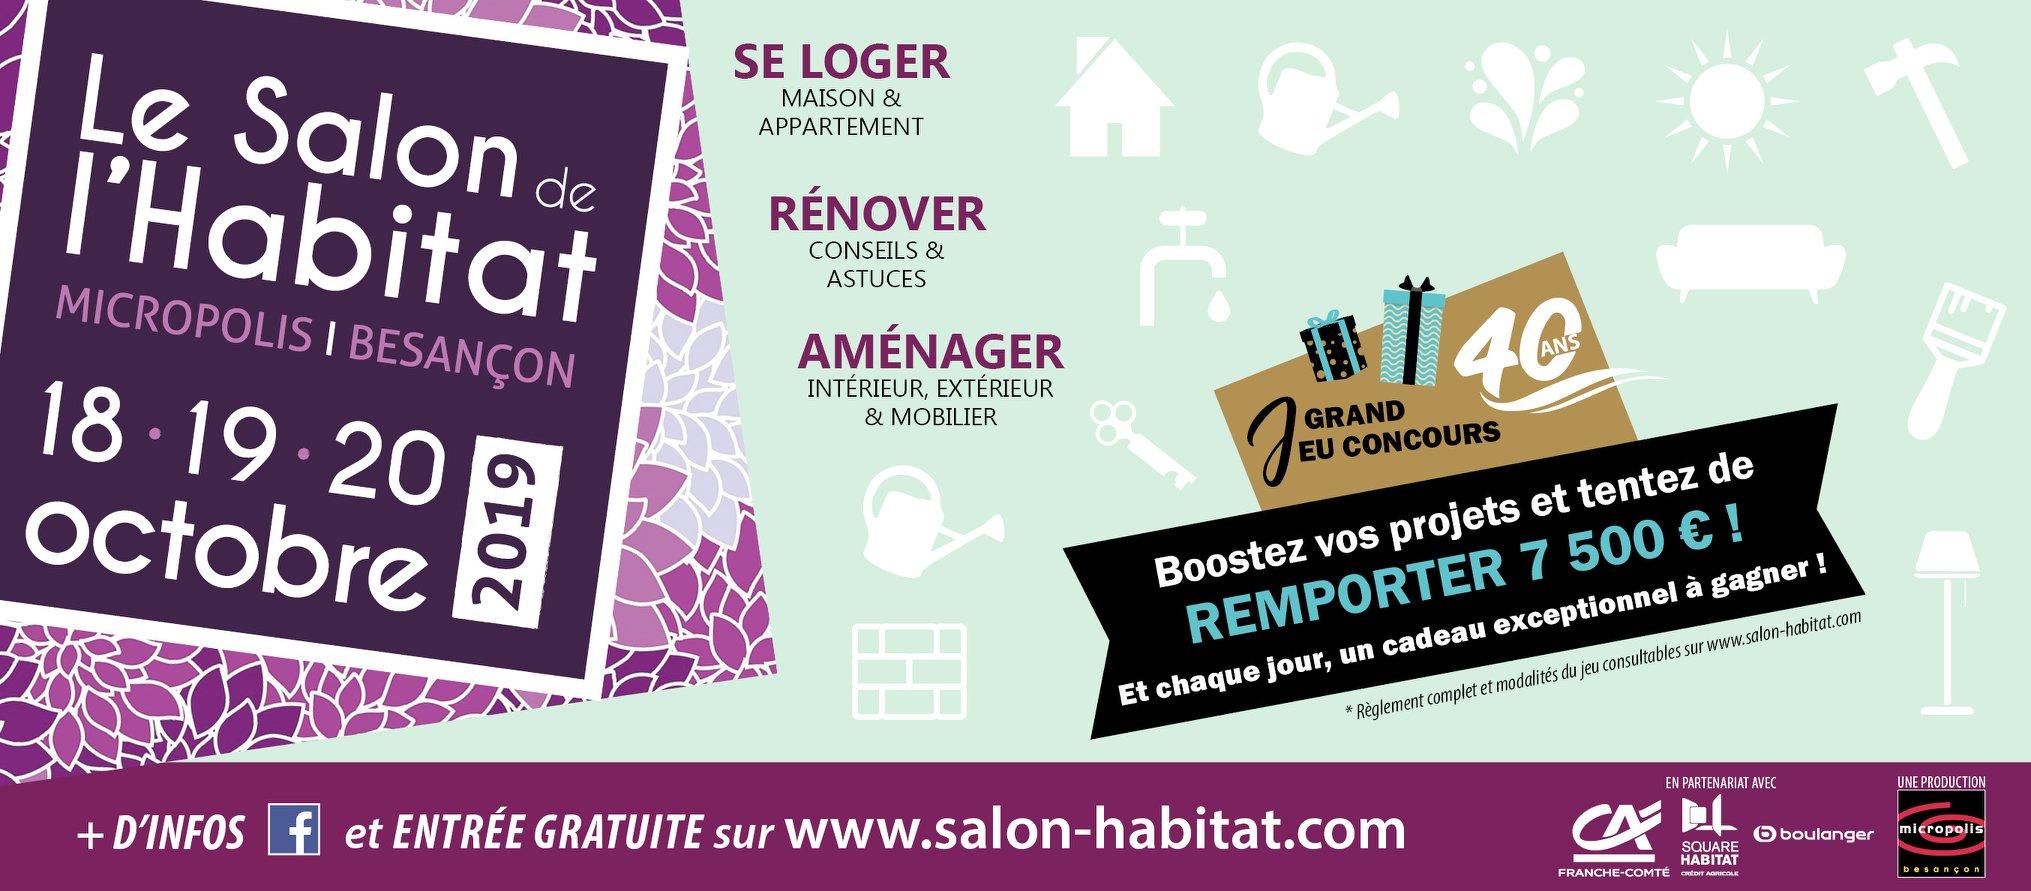 Le Salon de l'Habitat à Besançon